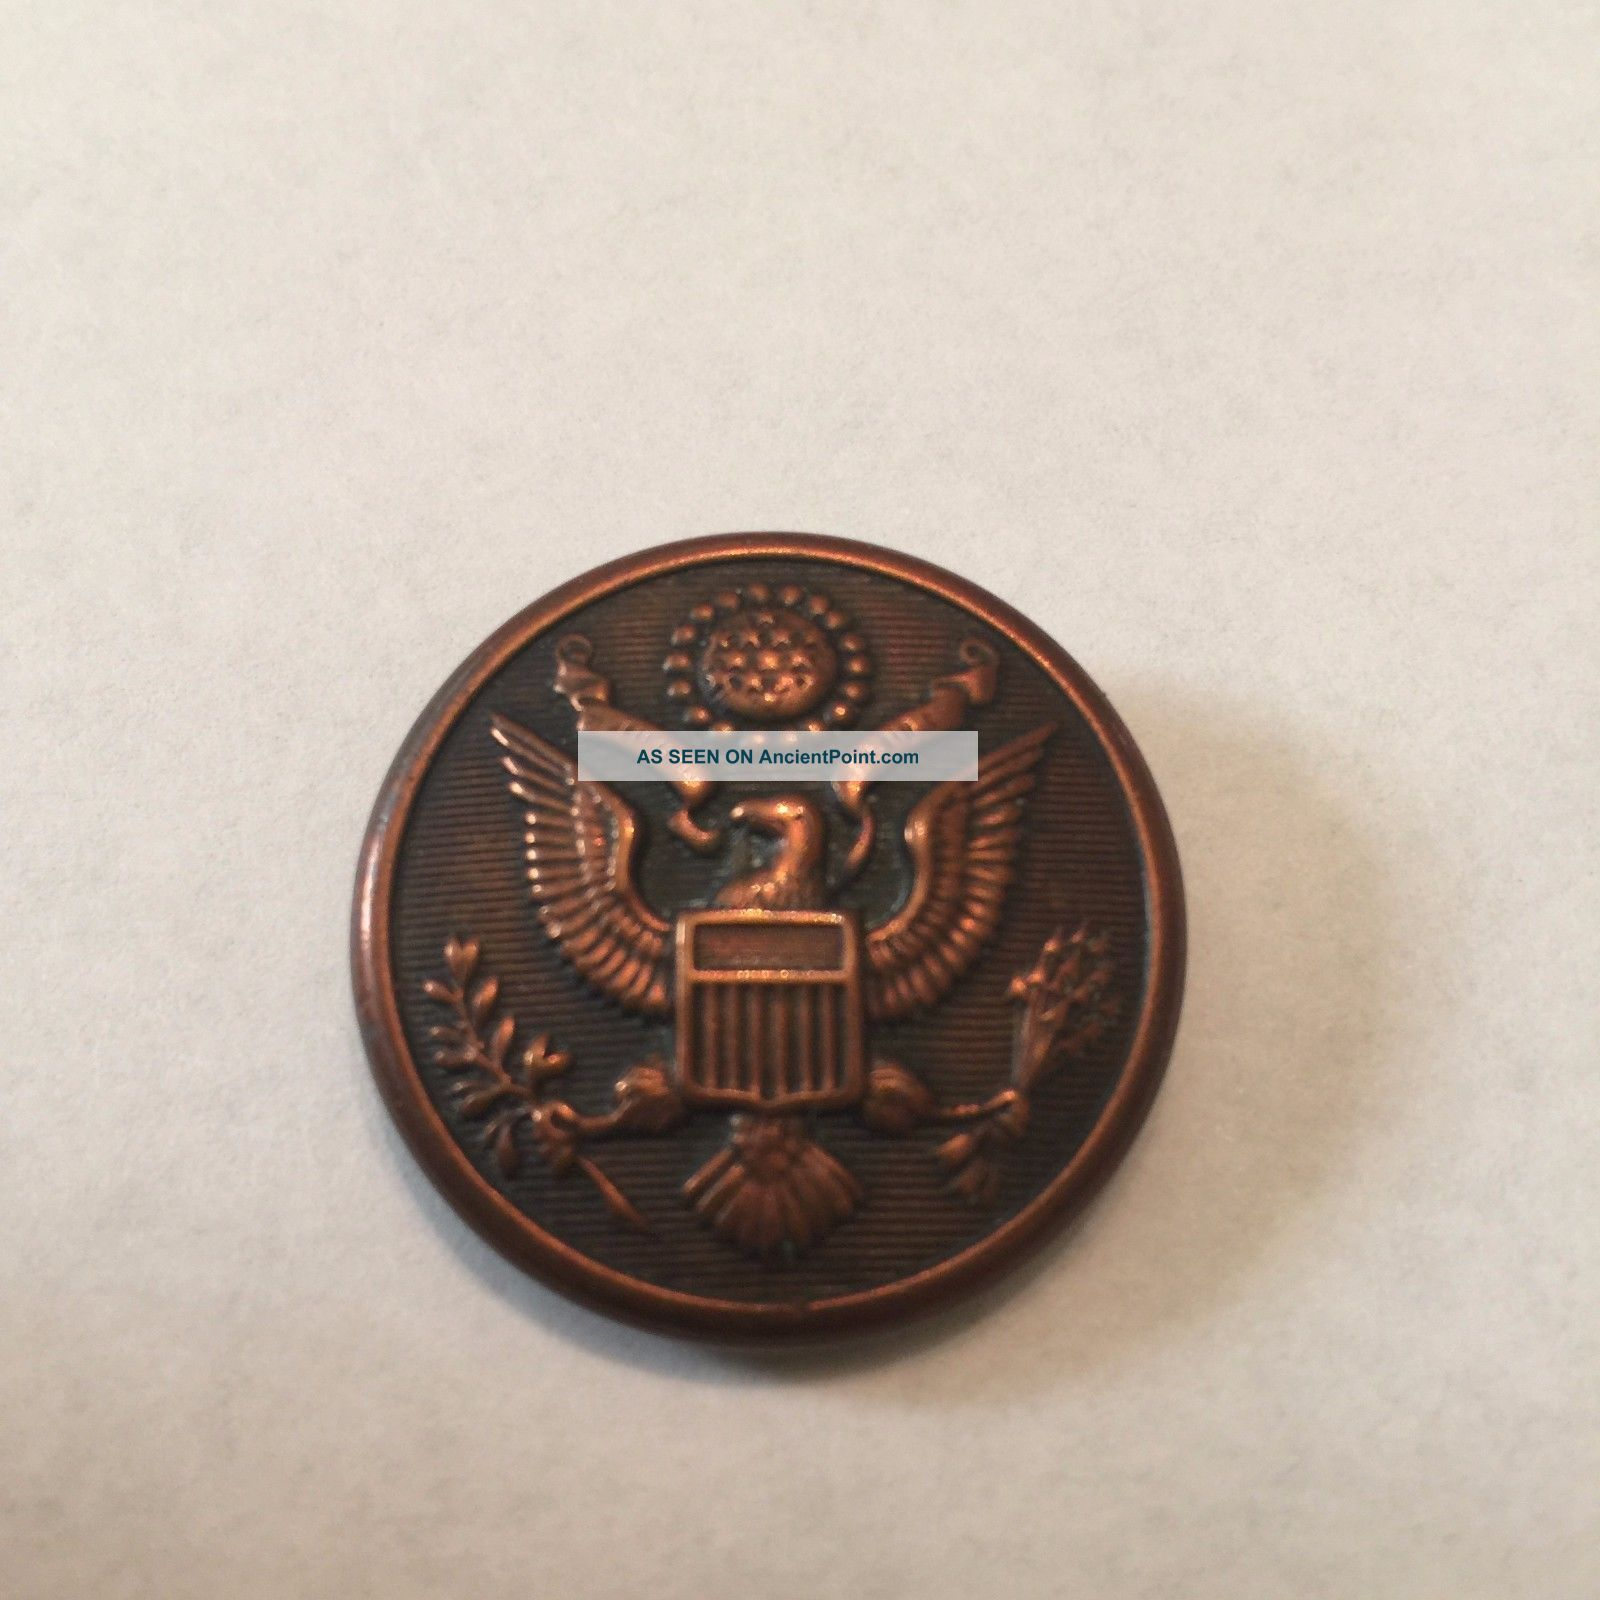 Antique Wh Horstmann Philadelphia Pa Brass Military Uniform Button Buttons photo